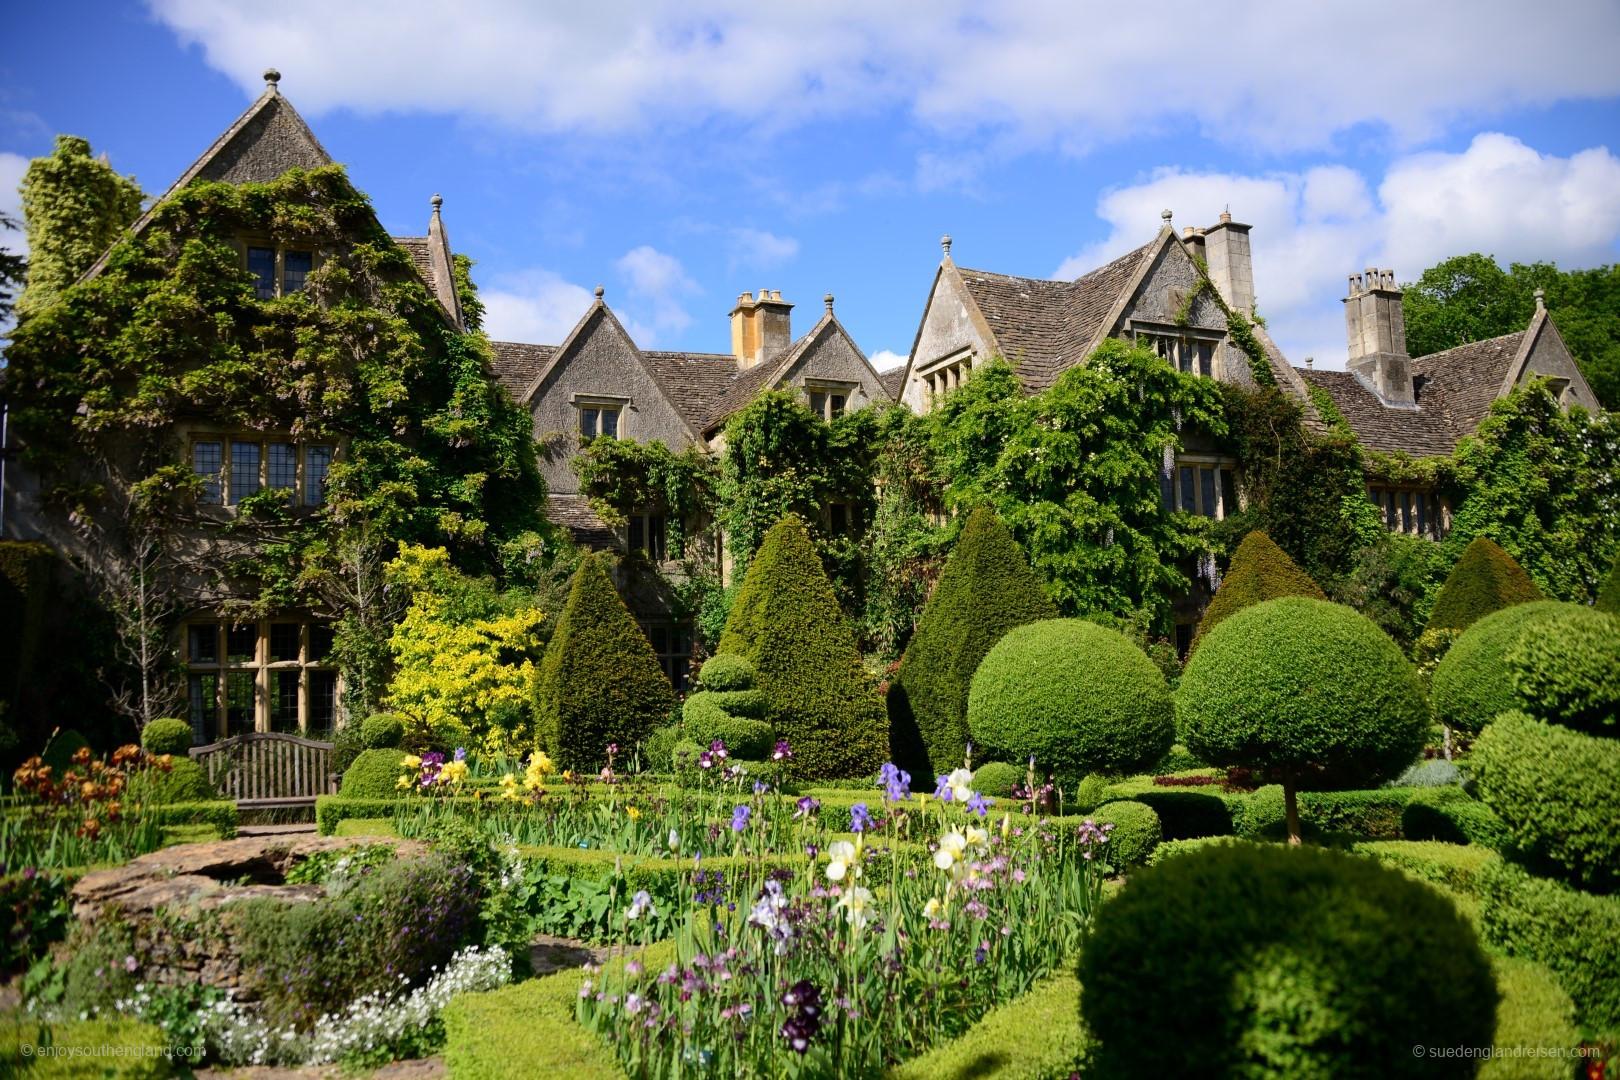 Abbey House Garden - das private Wohnhaus